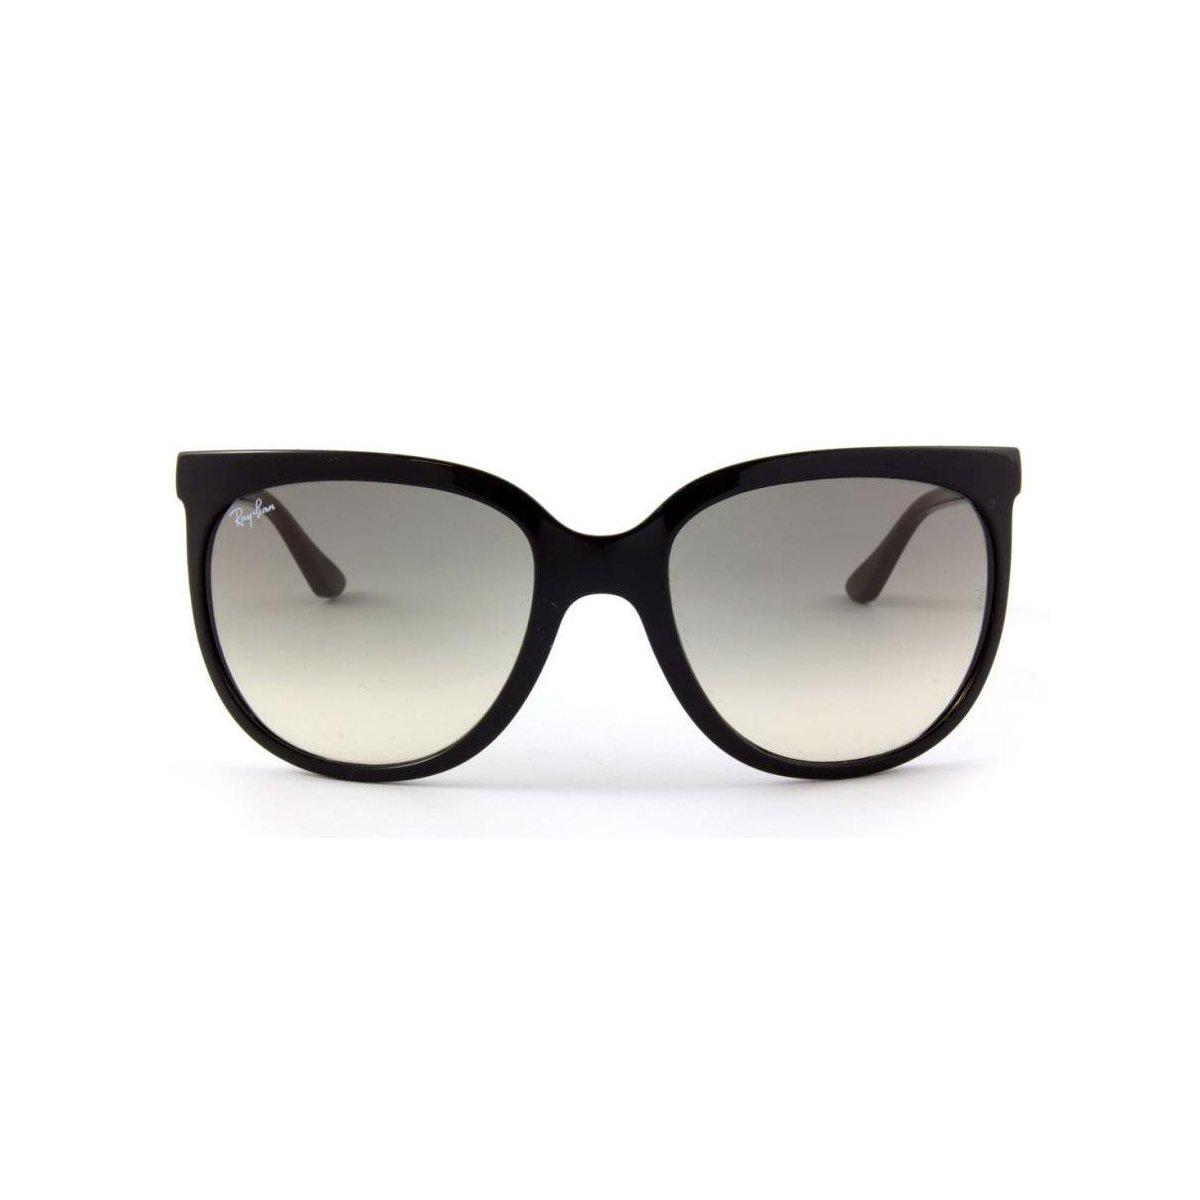 5799b3d376 Óculos de Sol Ray Ban Cats 1000 - Compre Agora